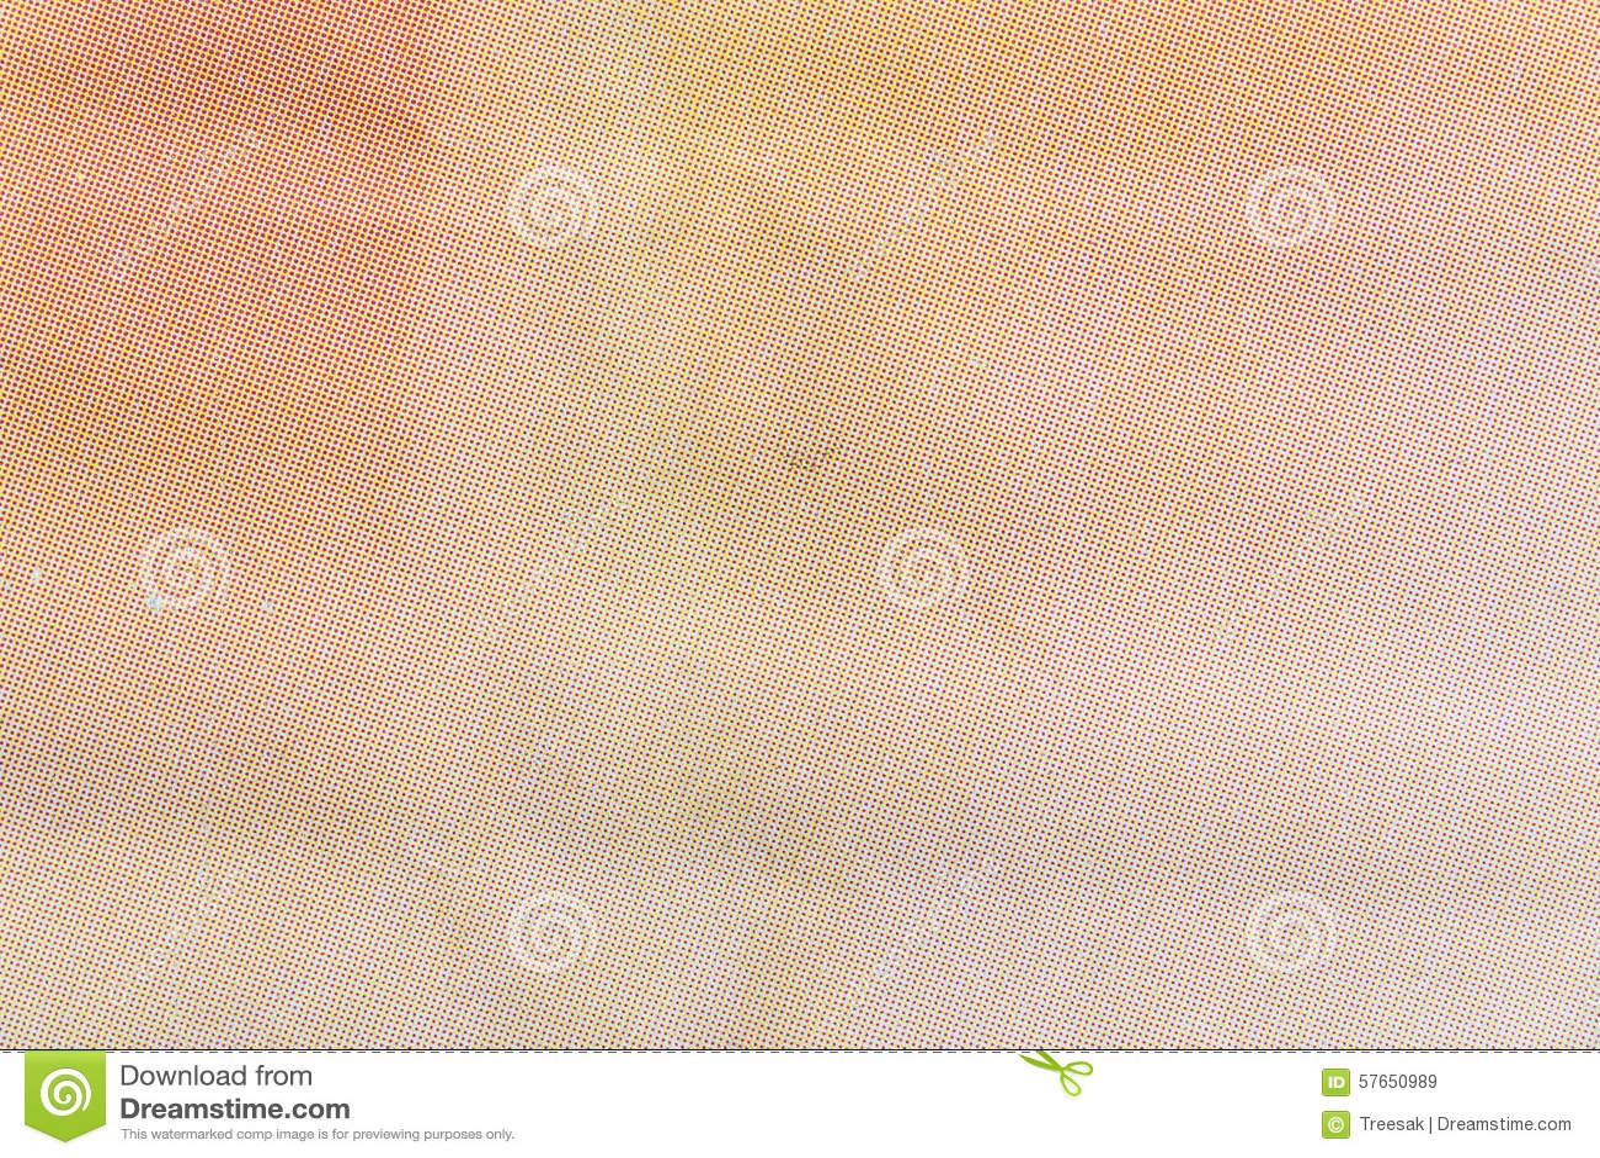 Zbliżenie koloru piksel na kanwie